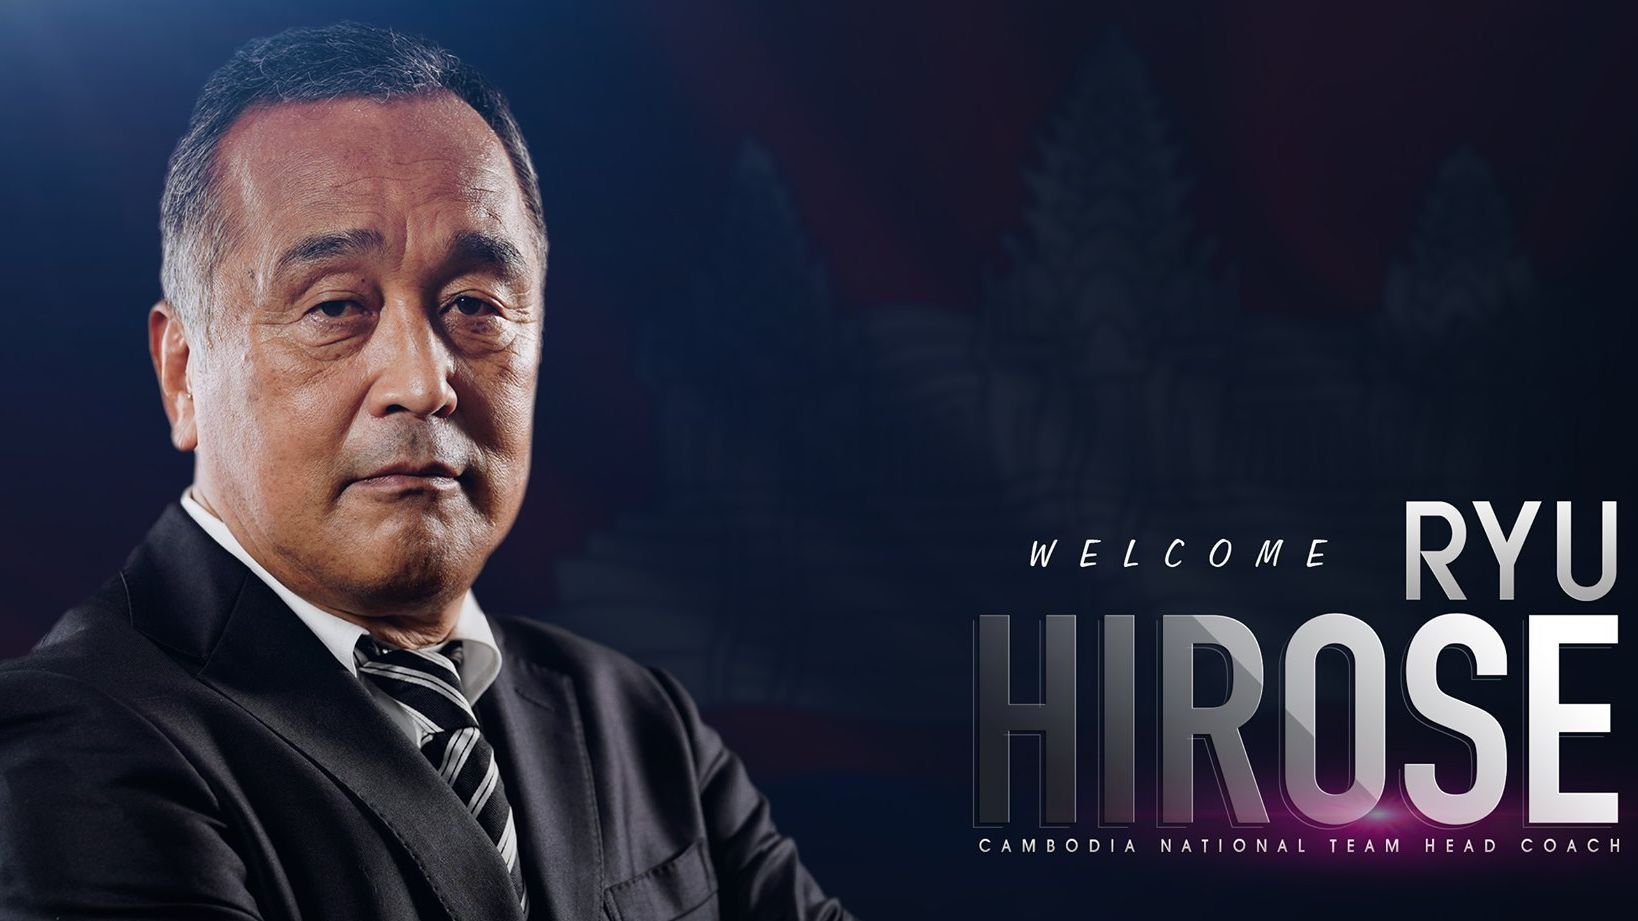 Ryu Hirose asal Jepang, sosok pengganti Felix Dalmas untuk timnas Kamboja.